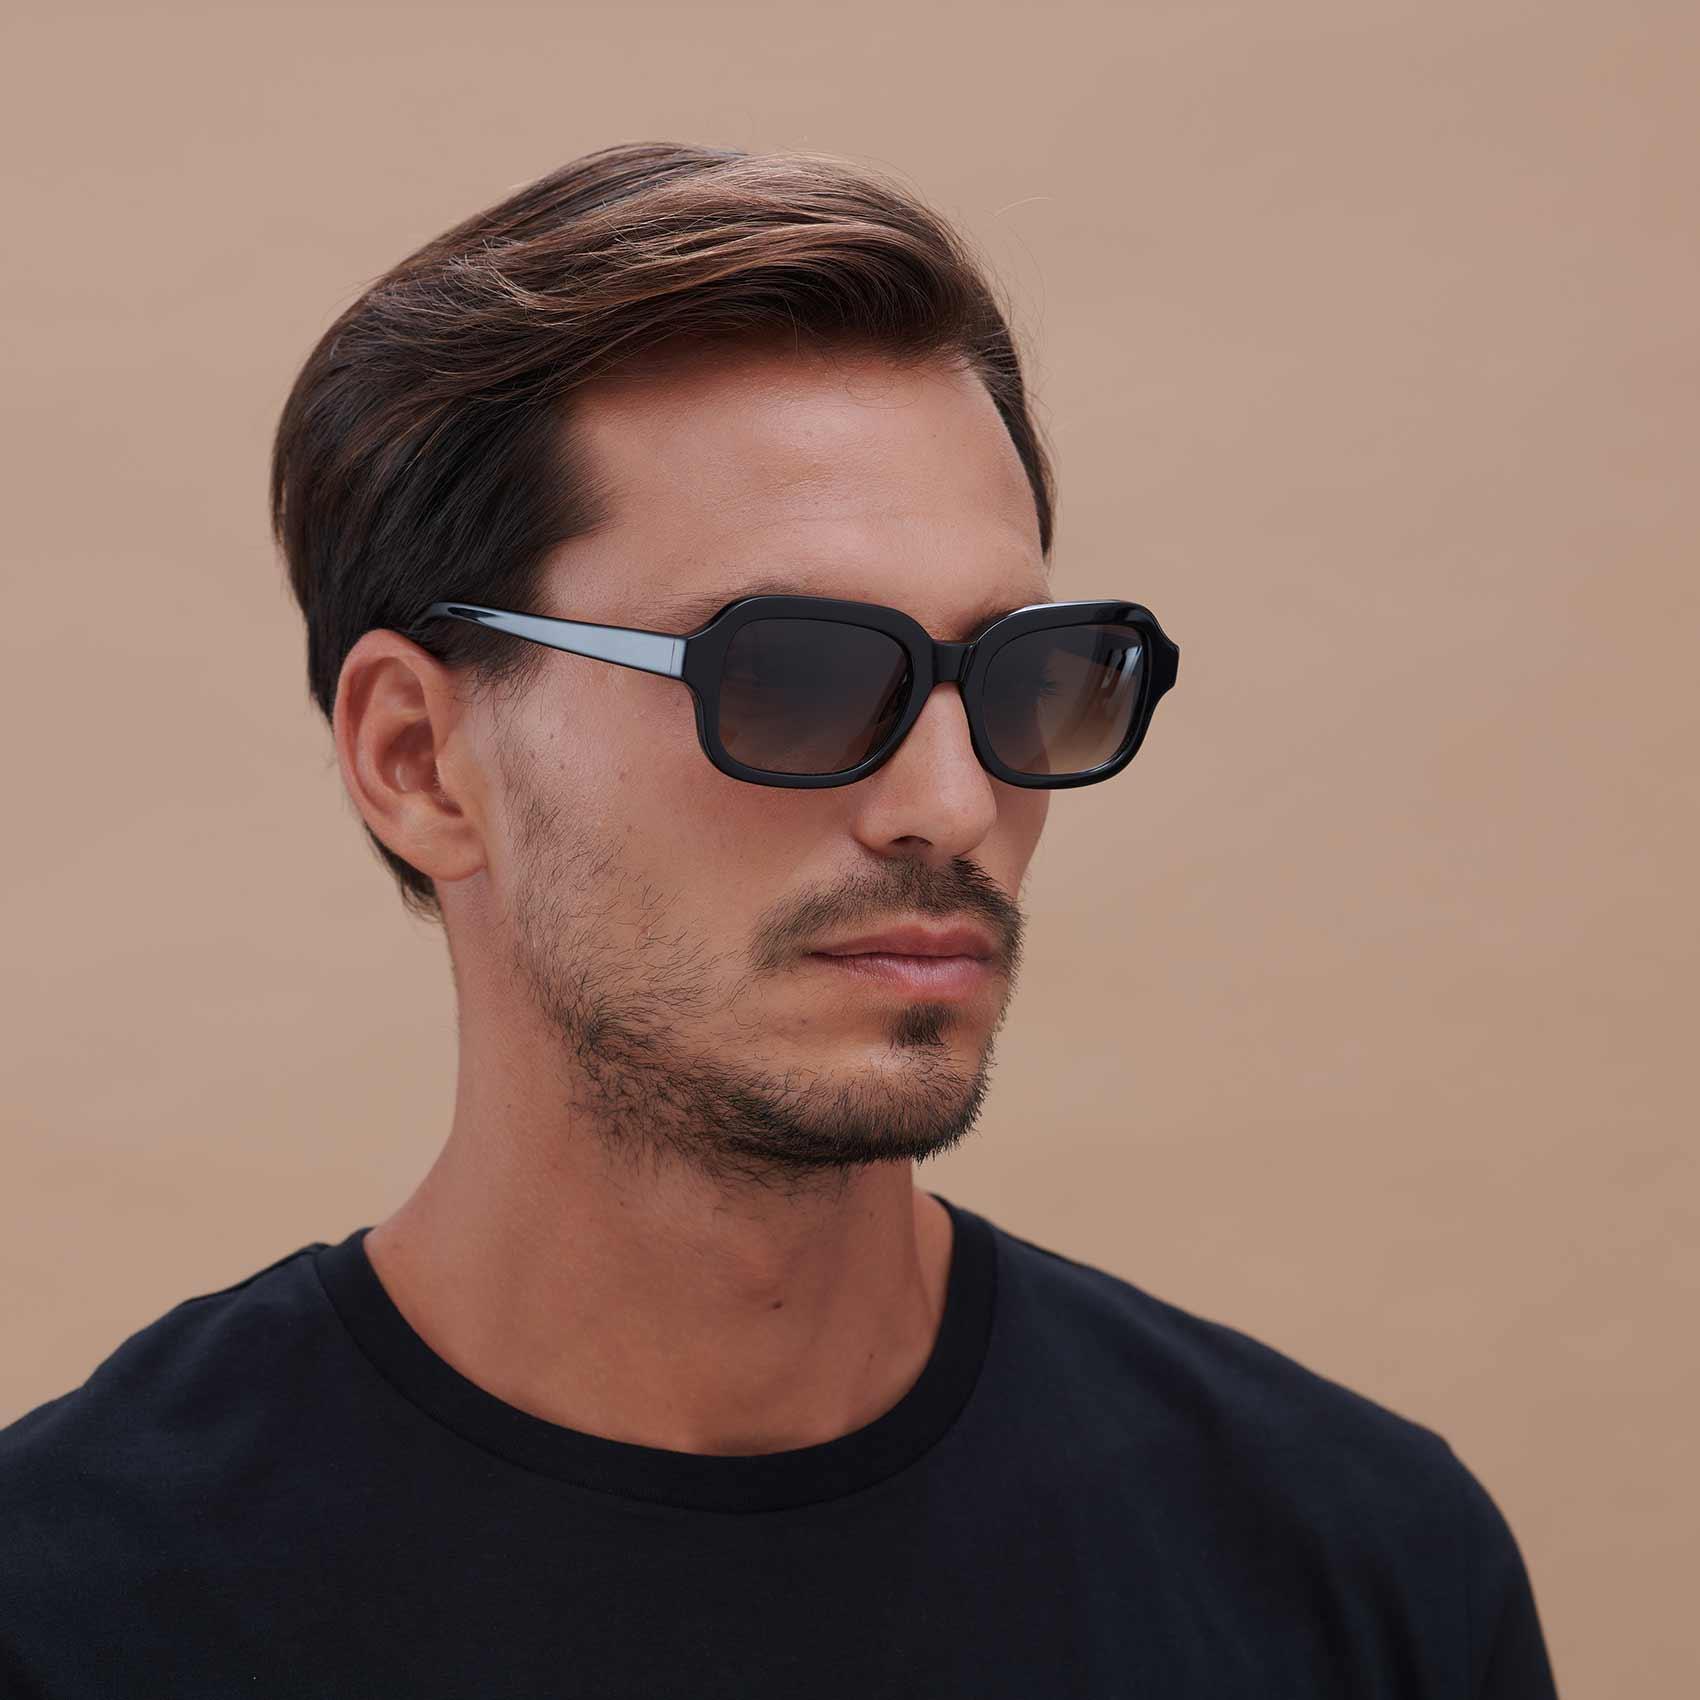 Gafas de sol amplias para hombre o mujer